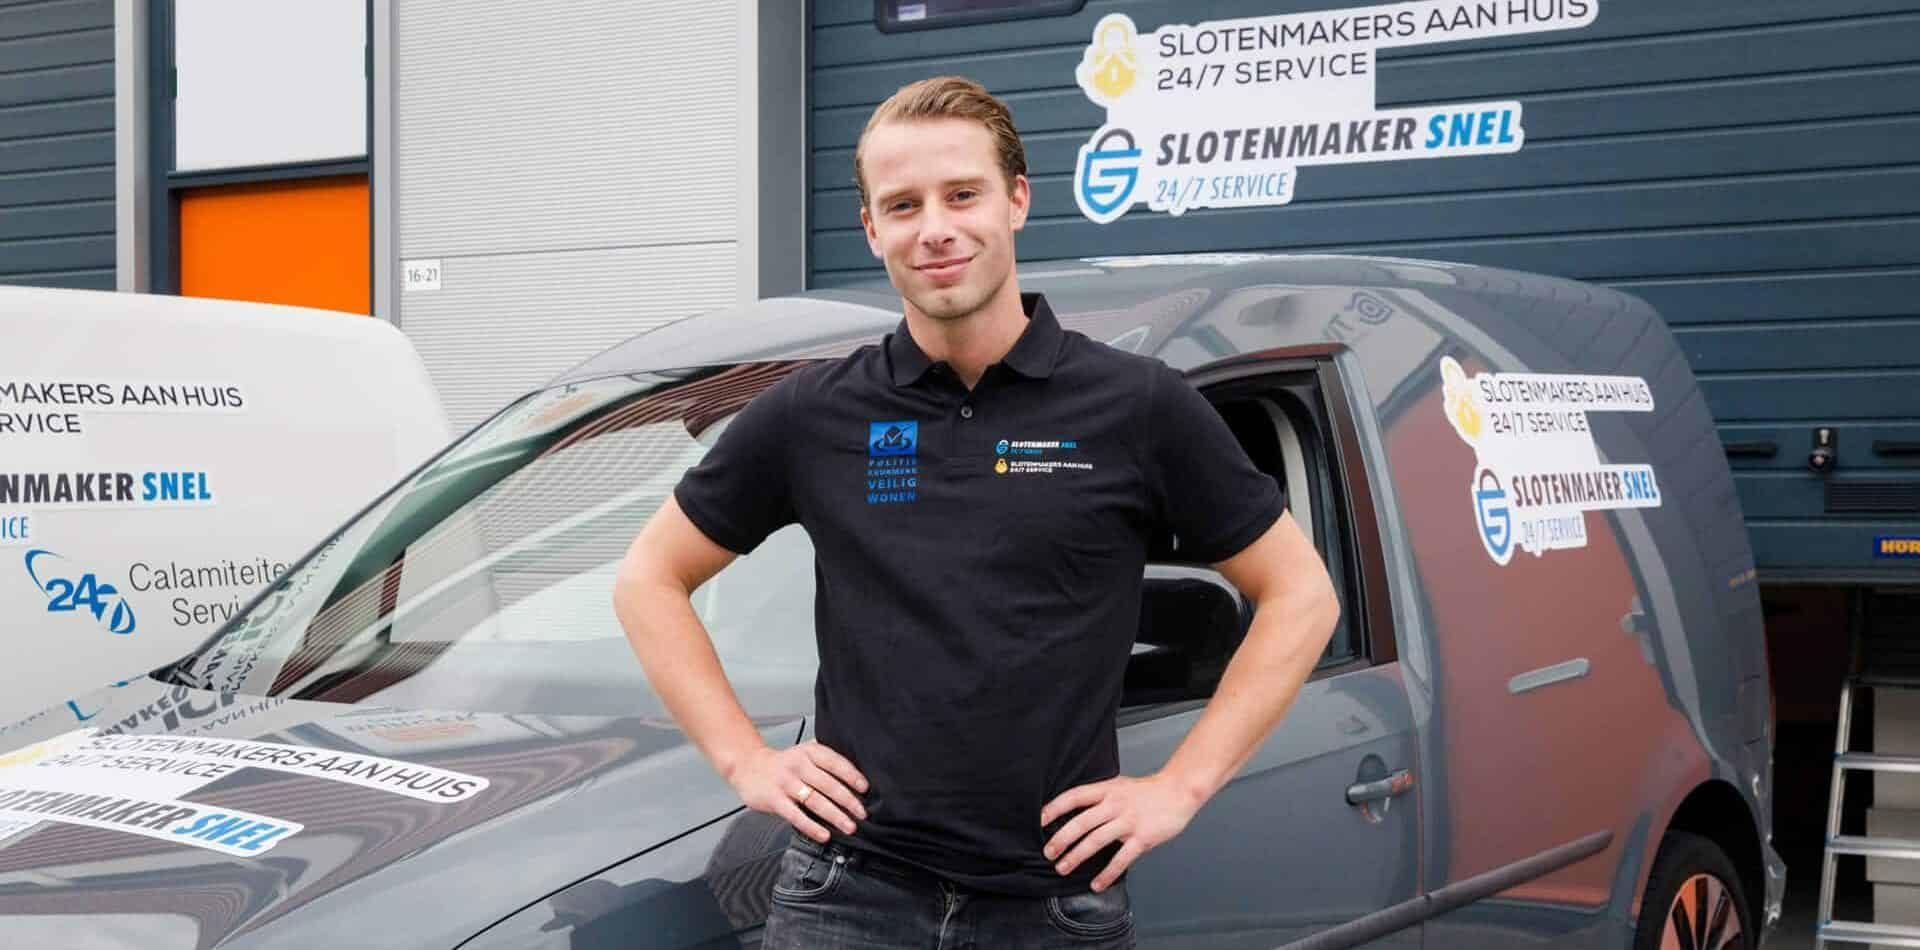 Slotenmaker Venlo